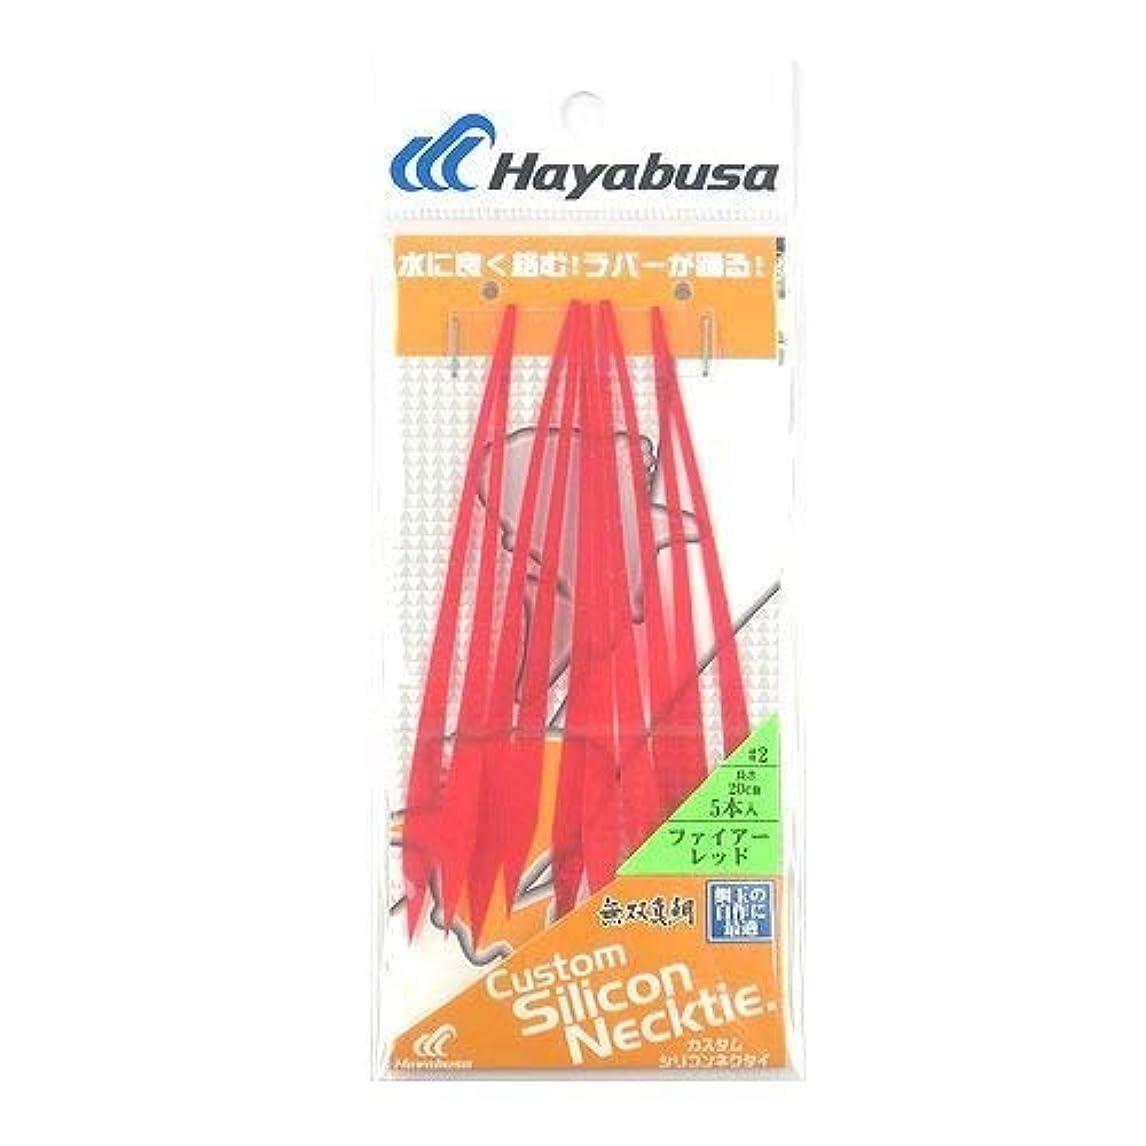 ねばねば表向き海嶺ハヤブサ(Hayabusa) タイラバ 無双真鯛フリースライド カスタムシリコンネクタイ 5個 ファイアーレッド #2 SE130